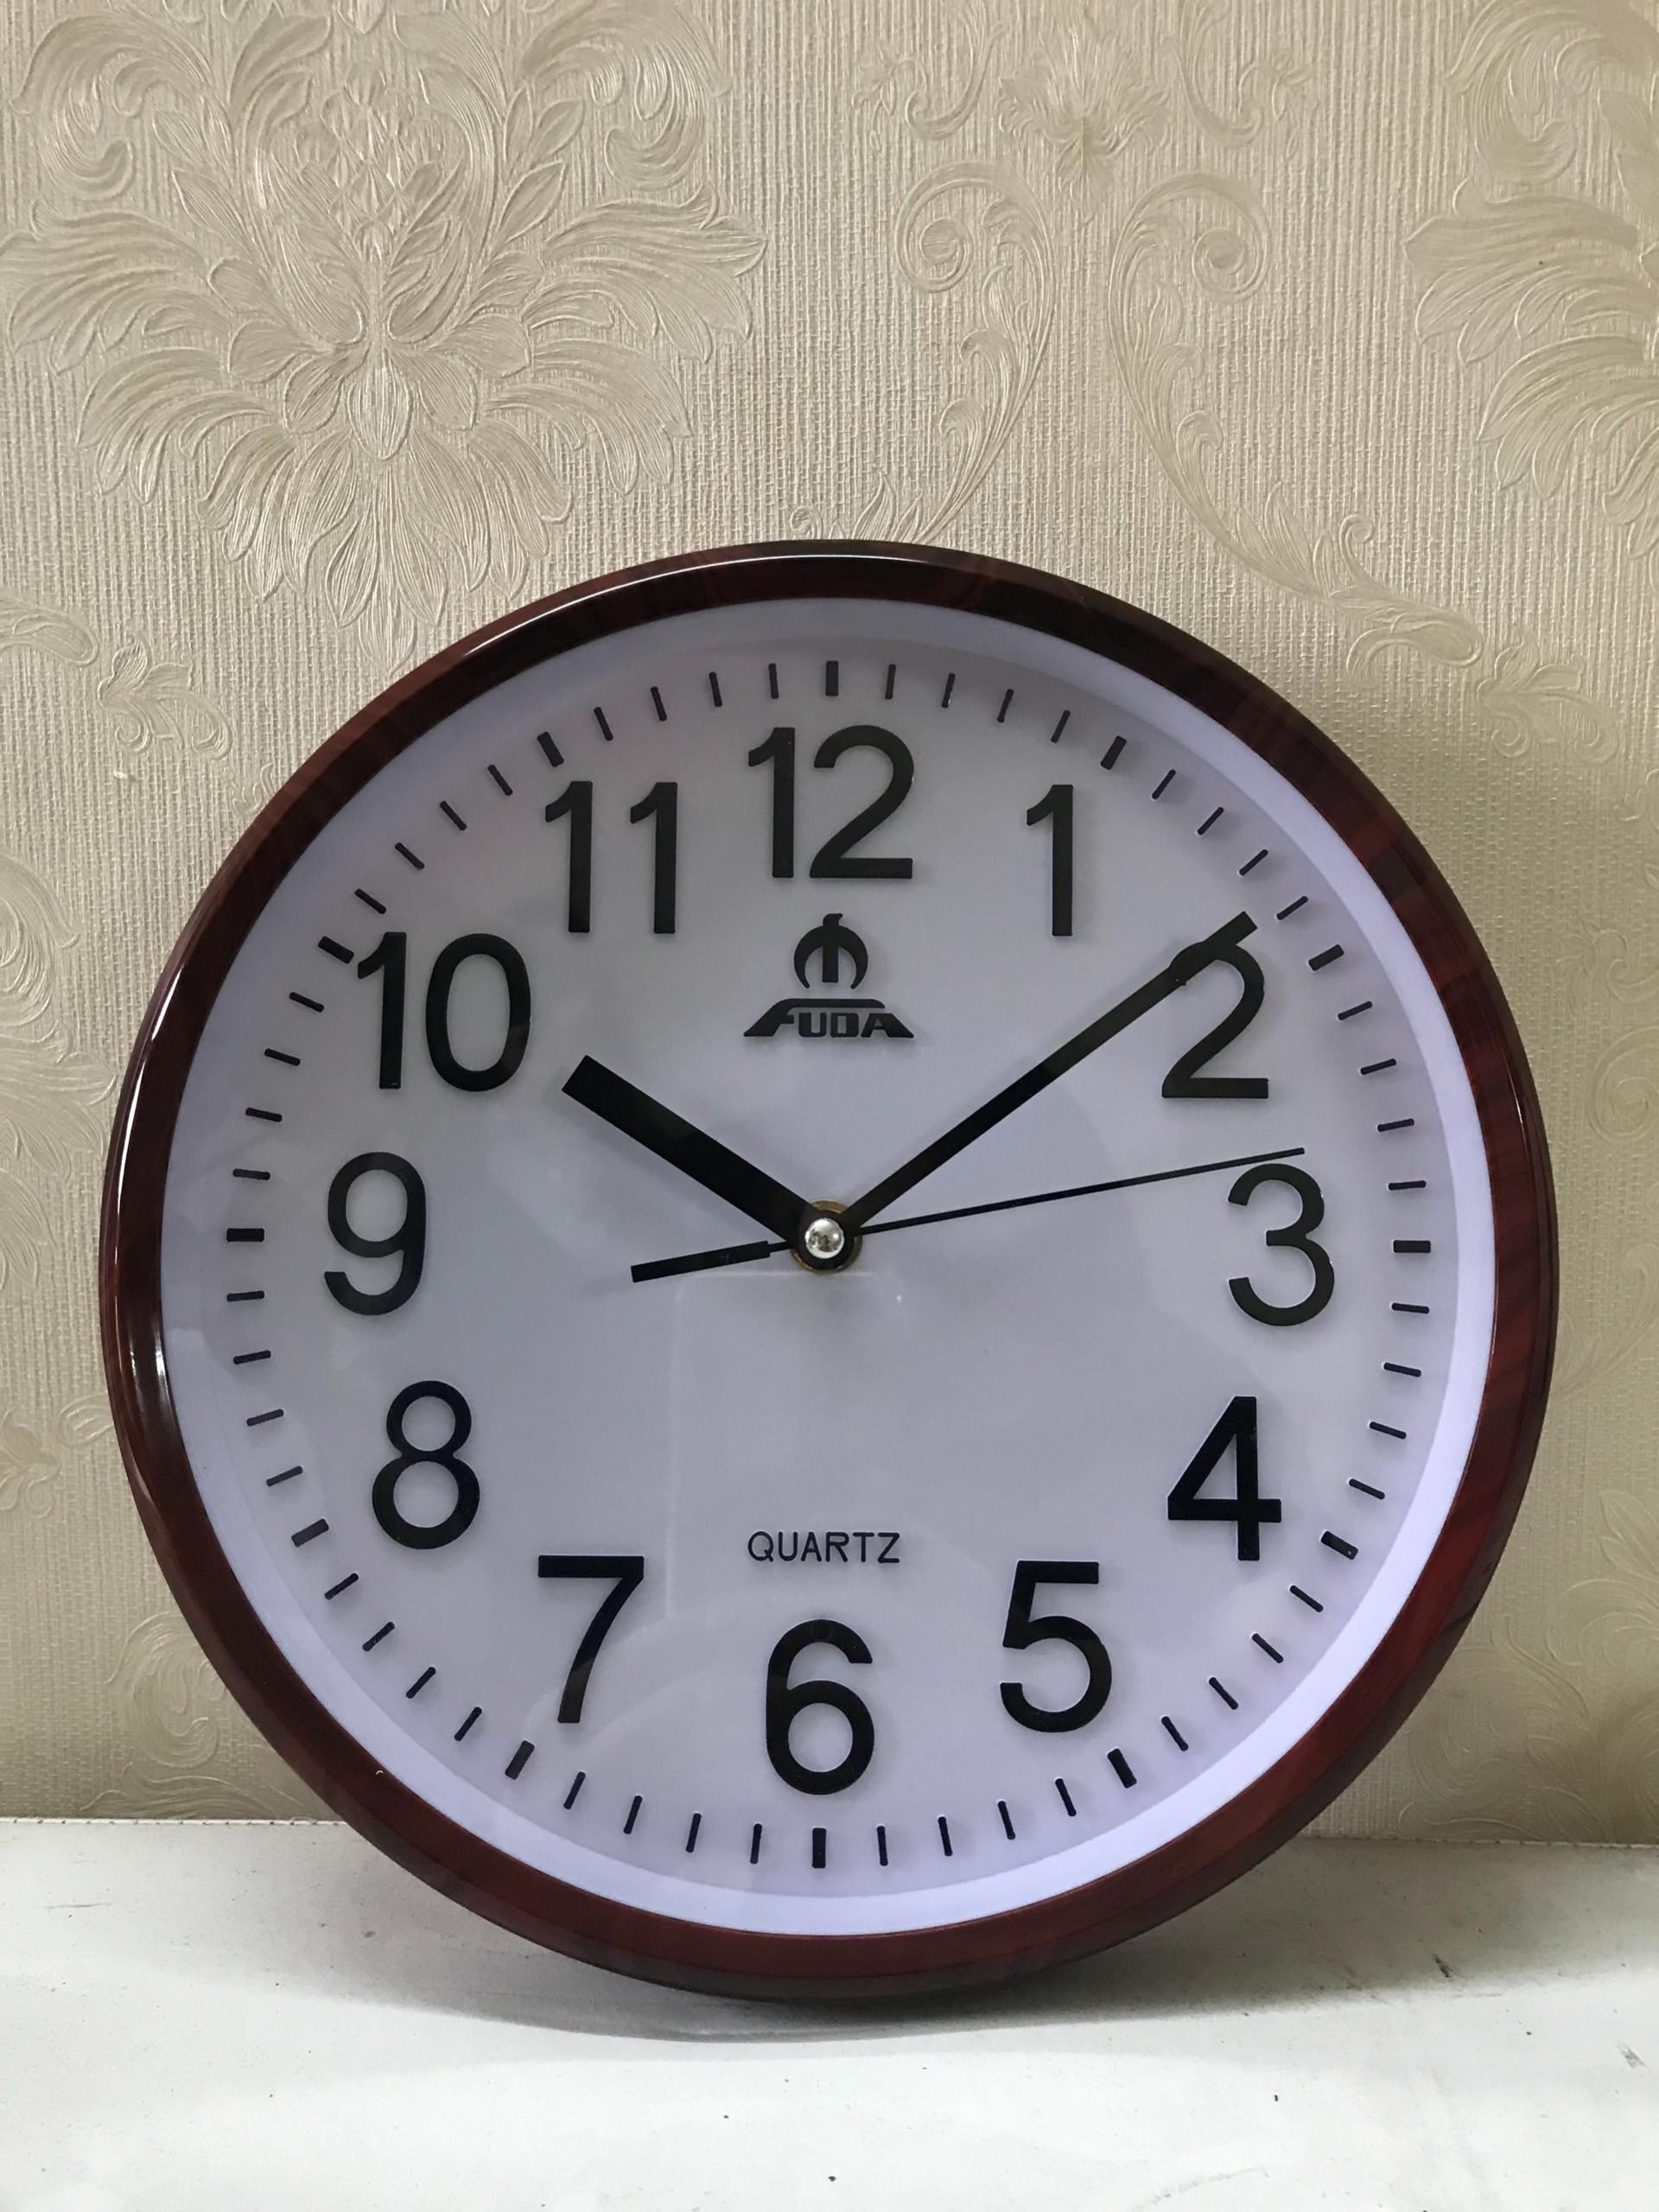 Camera Wifi ngụy trang đồng hồ treo tường tròn T11